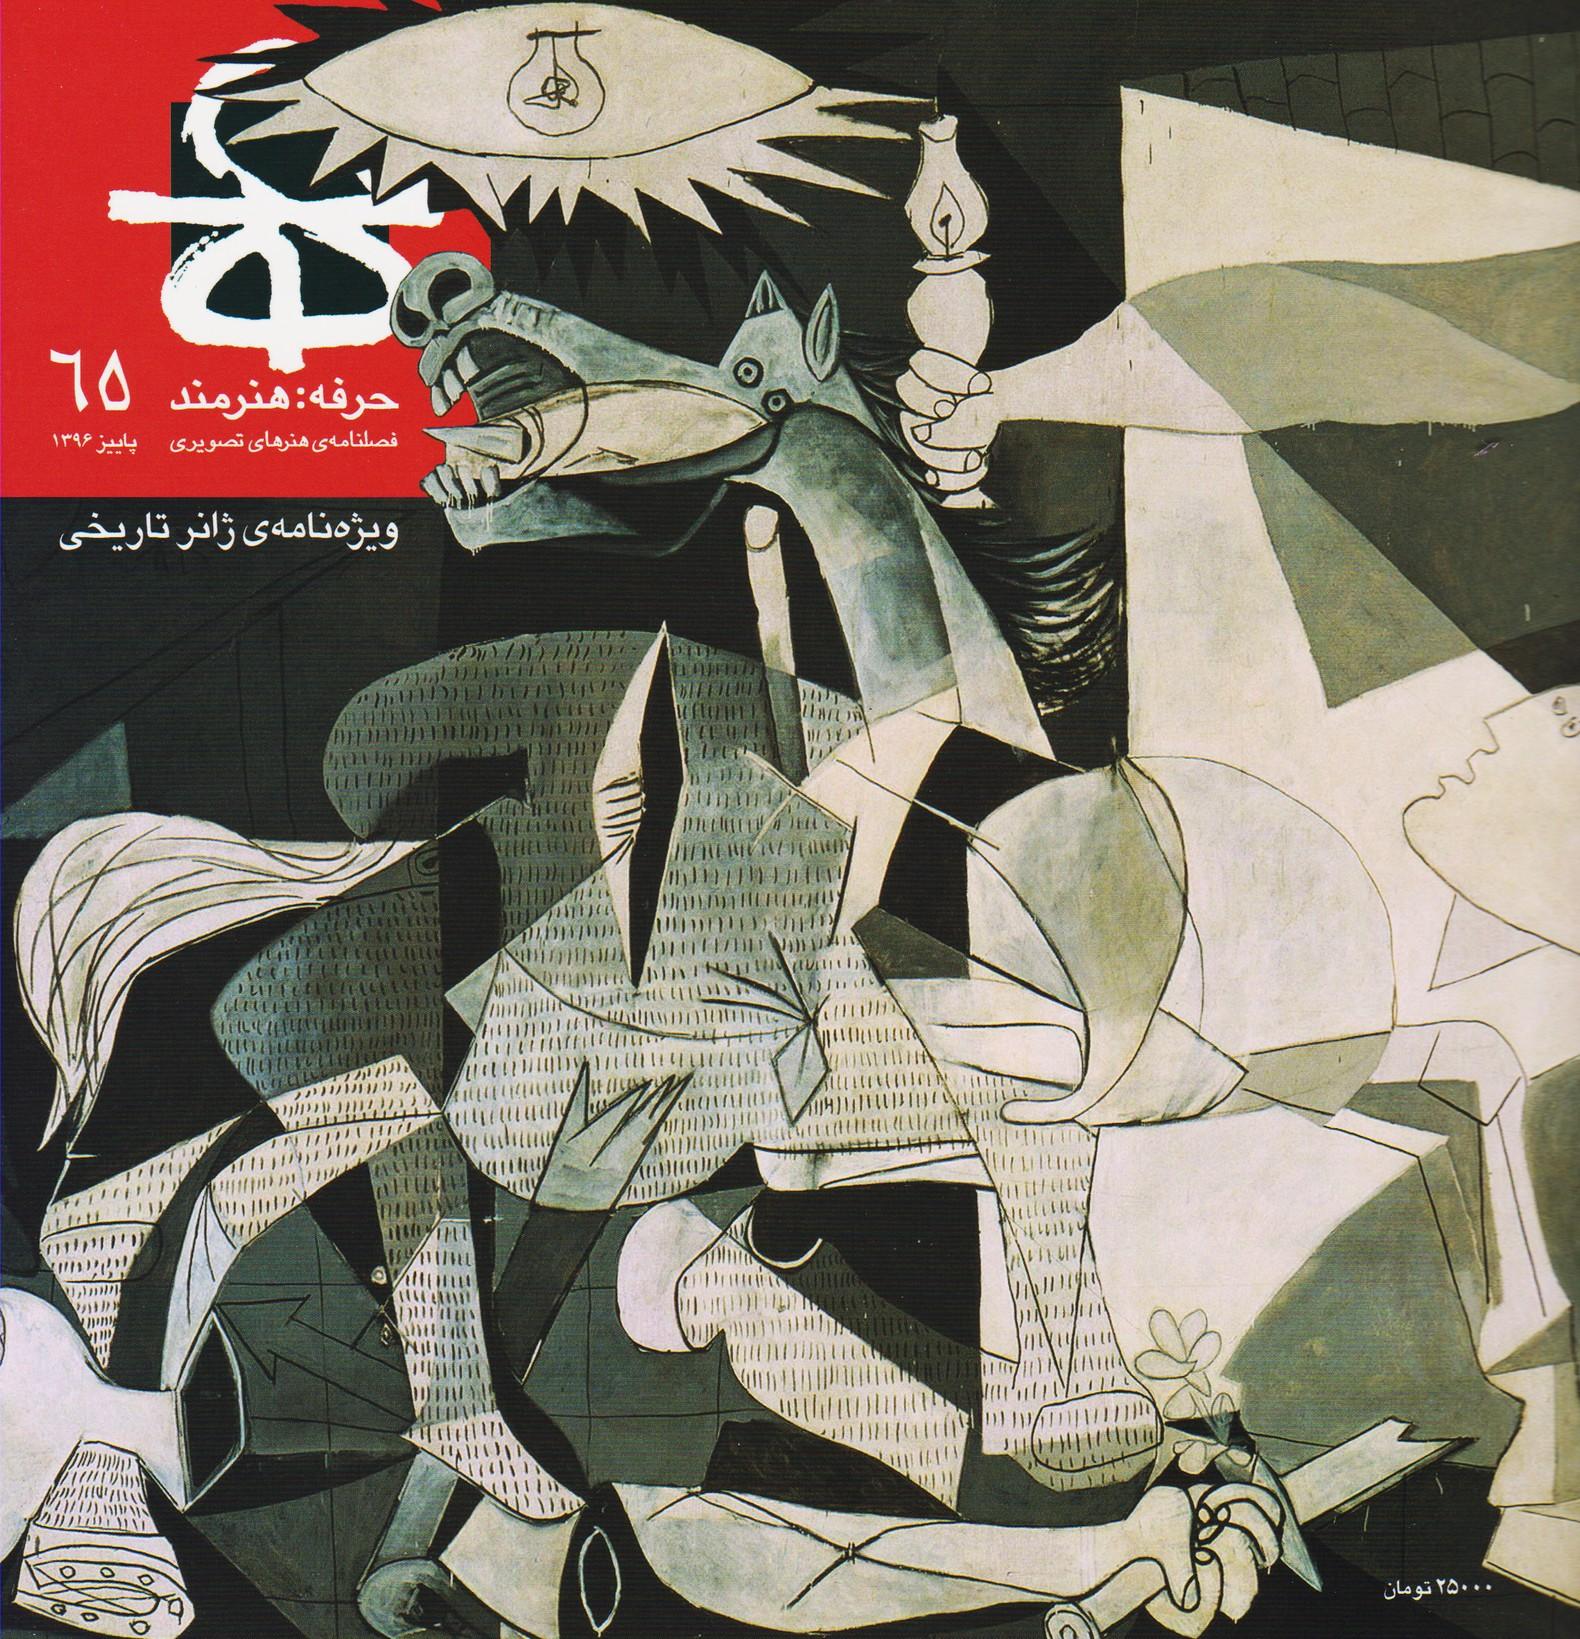 حرفه هنرمند 65: پاییز 96/ویژه نامه ژانر تاریخی